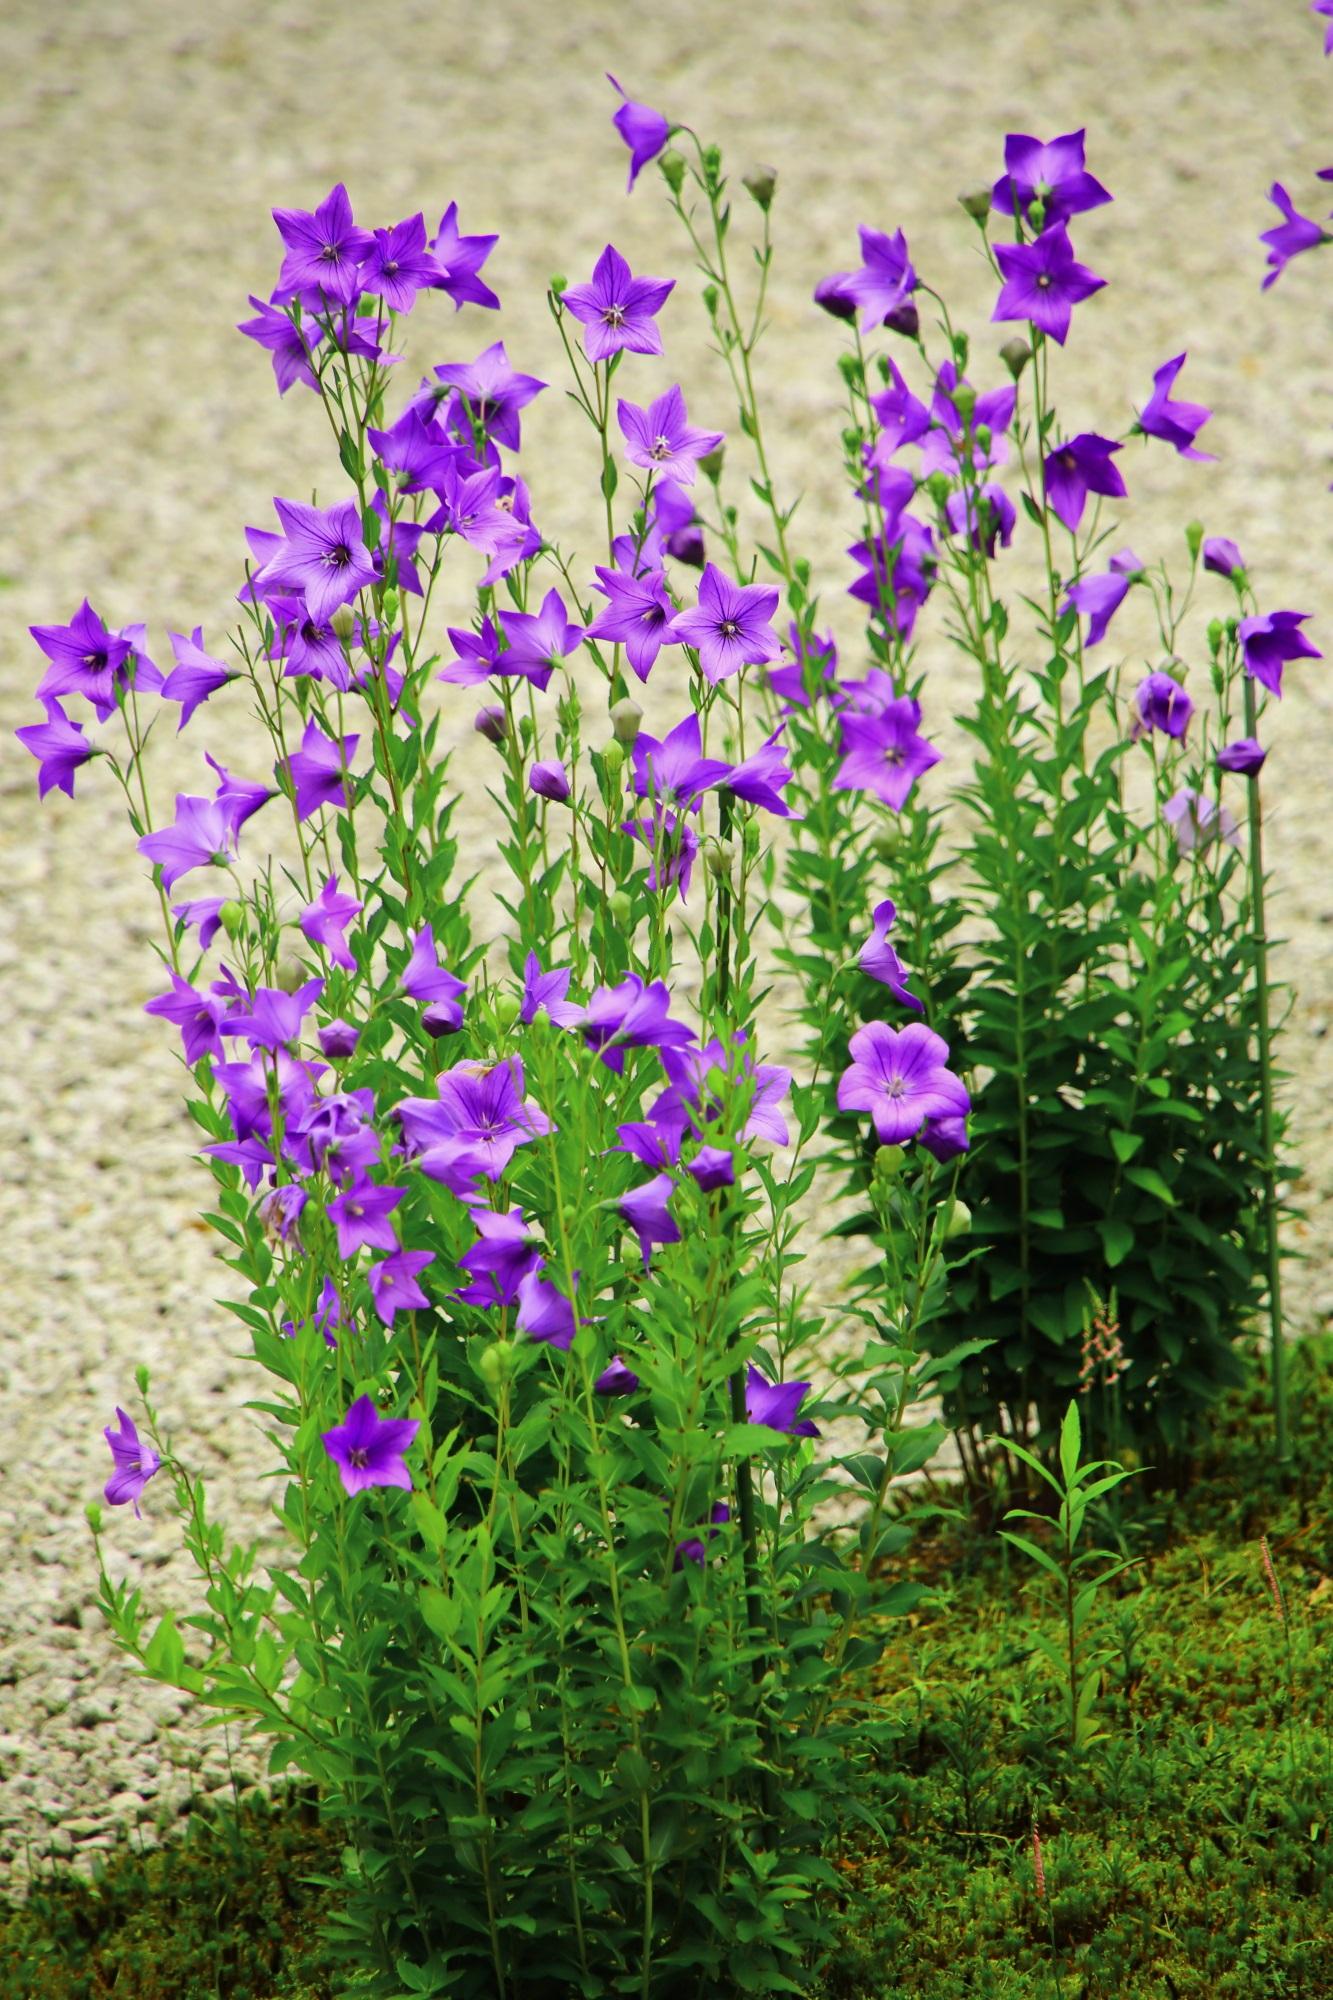 真っ直ぐに伸びて優雅に咲く華やかな紫の桔梗